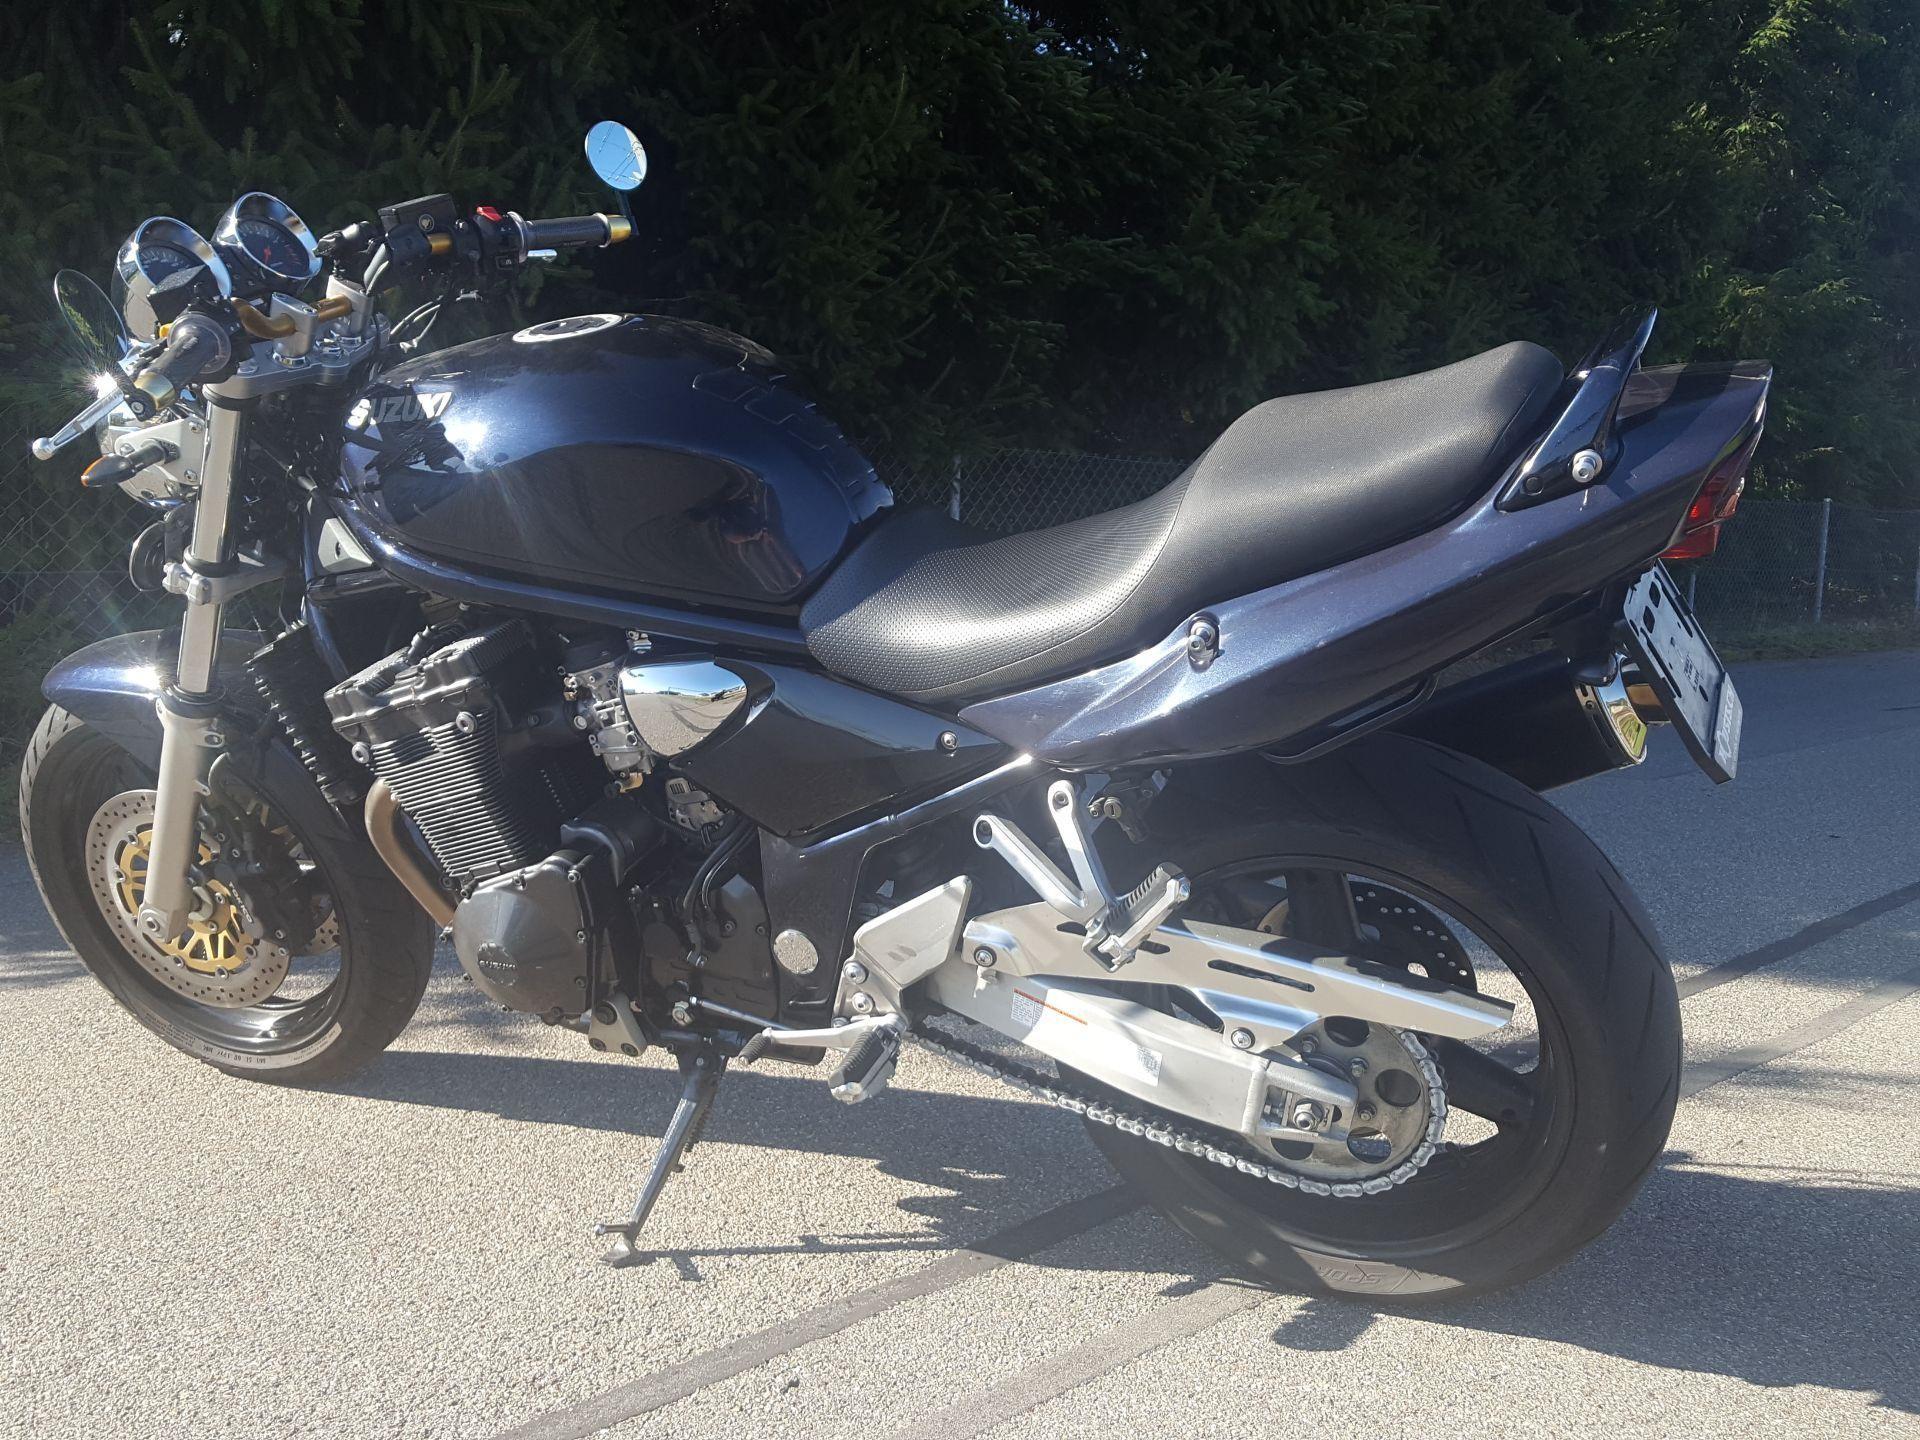 motorrad occasion kaufen suzuki gsf 1200 bandit moto tomi t uffelen. Black Bedroom Furniture Sets. Home Design Ideas